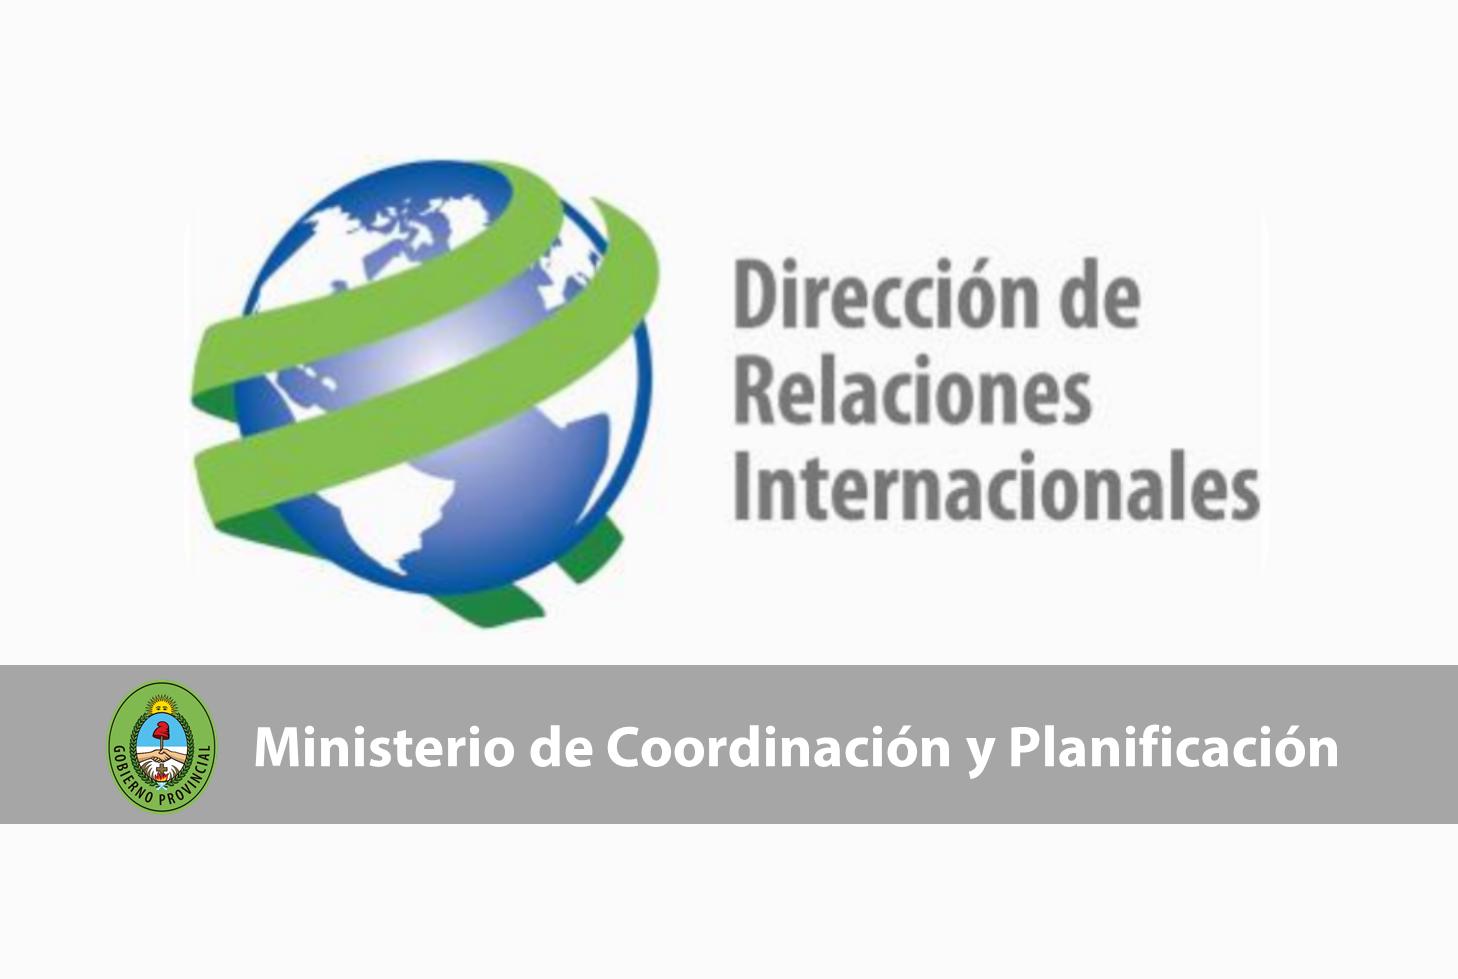 Programa Voluntarios de las Naciones Unidas (VNU)